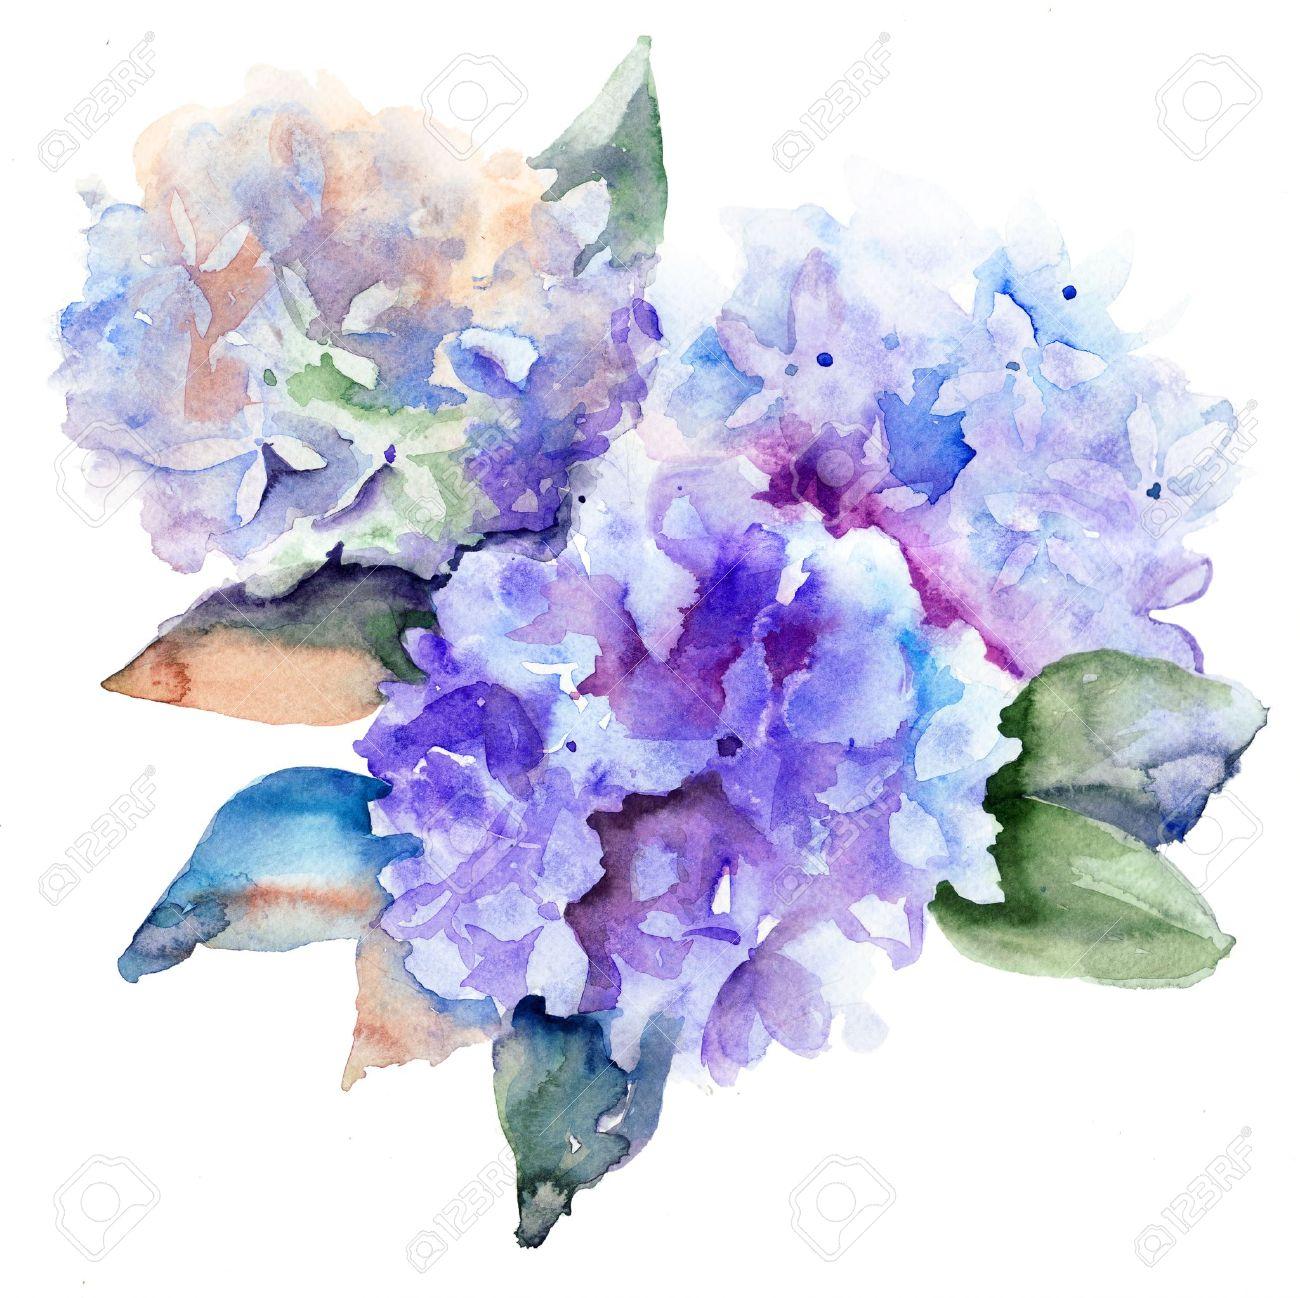 美しい青紫陽花水彩イラスト の写真素材画像素材 Image 17008966